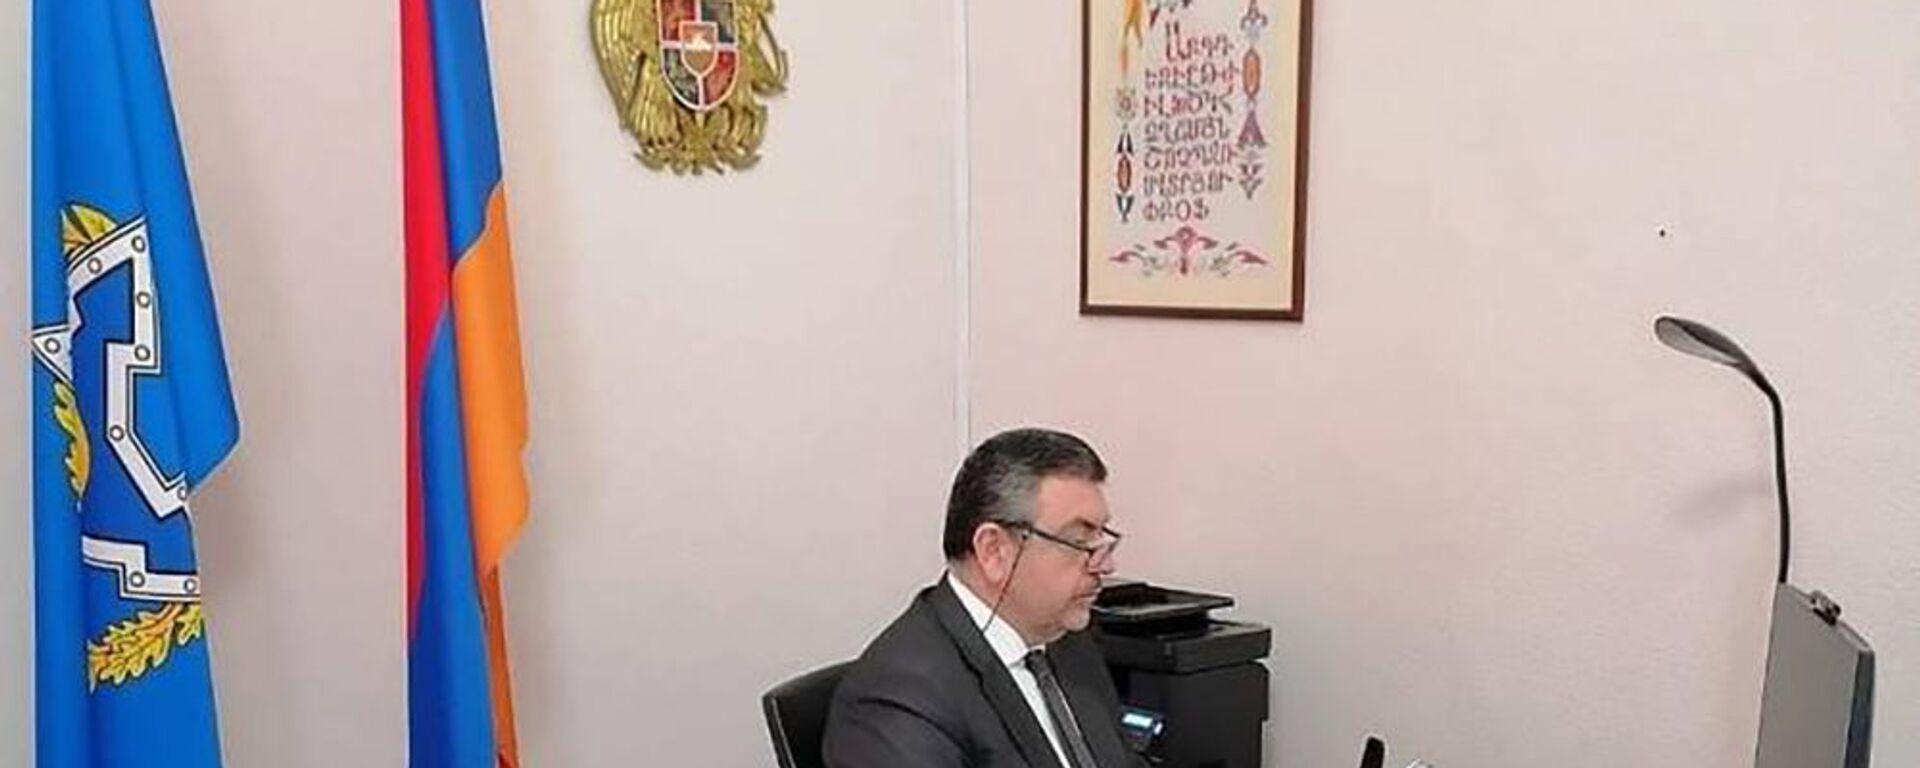 Постоянный представитель РА при ОДКБ Виктор Биягов - Sputnik Армения, 1920, 12.10.2021